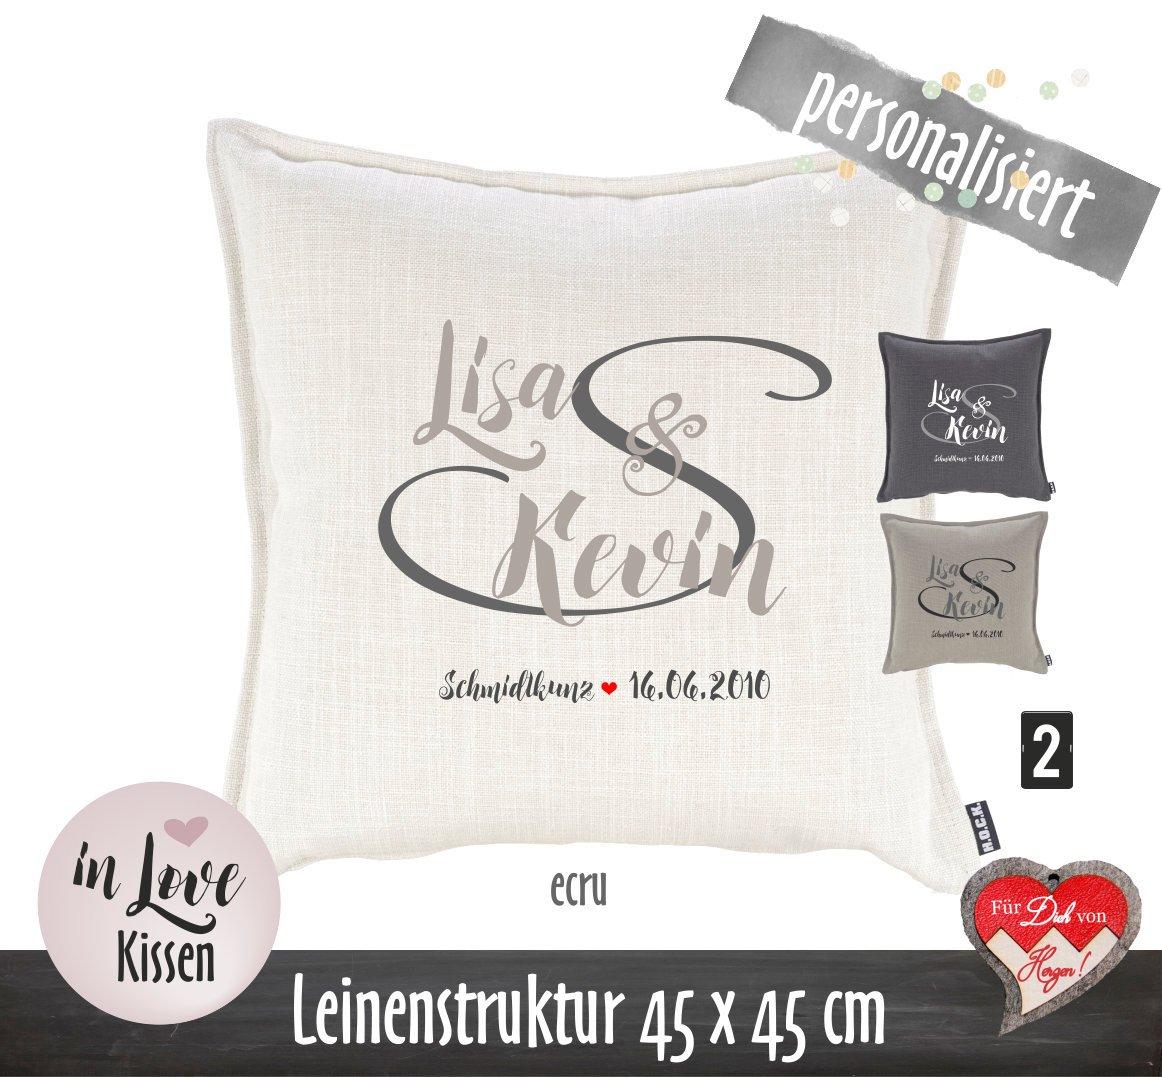 Kissen Fur Partner Hochzeitsgeschenk Personalisiertes Leinenkissen